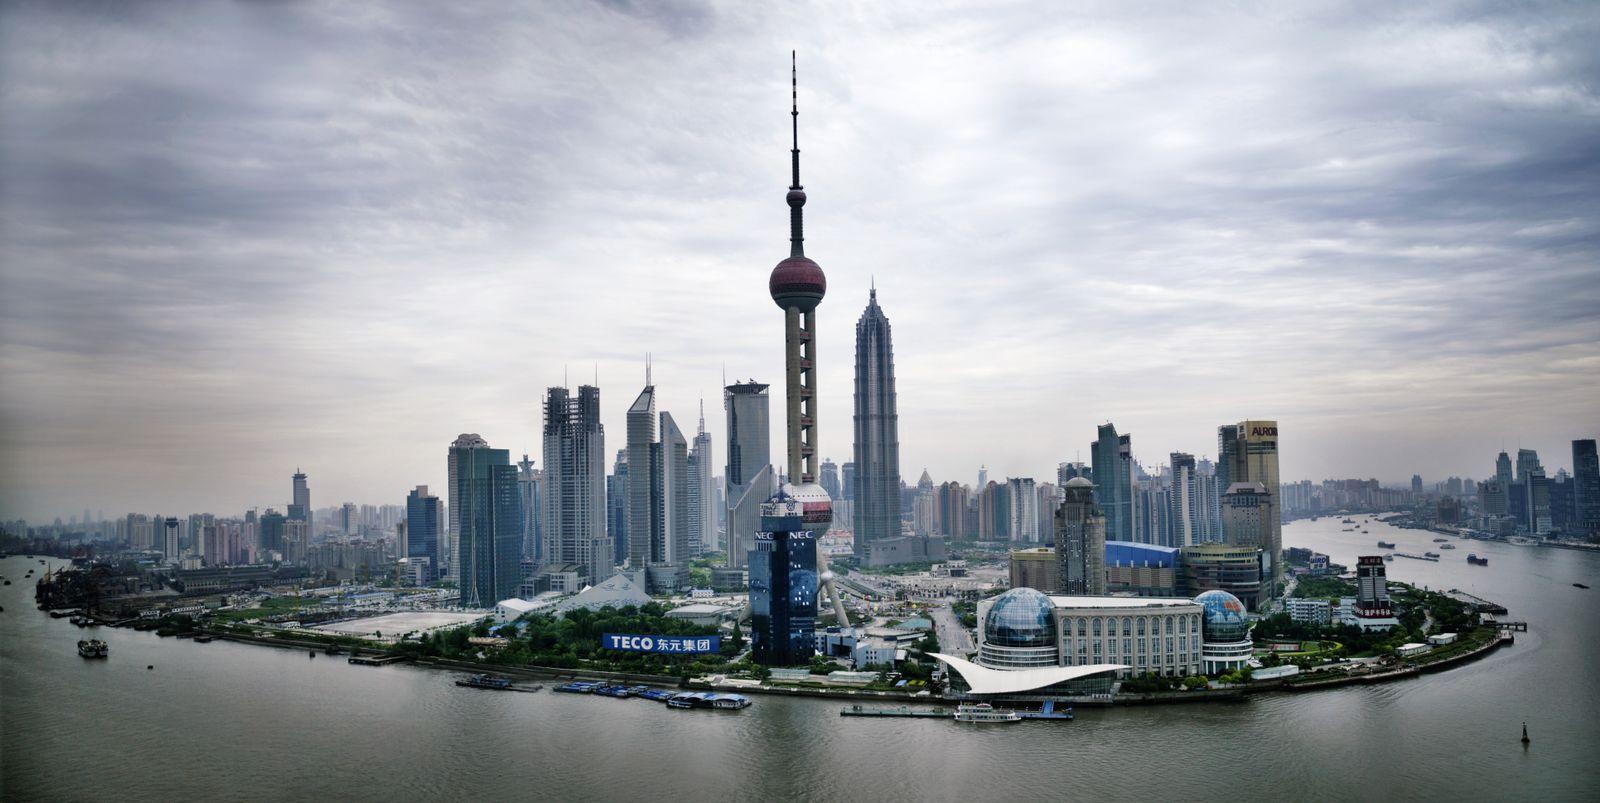 NICHT MEHR VERWENDEN! - für mmO-THEMENSEITE Chinas Wirtschaft // Shanghai / China / Skyline